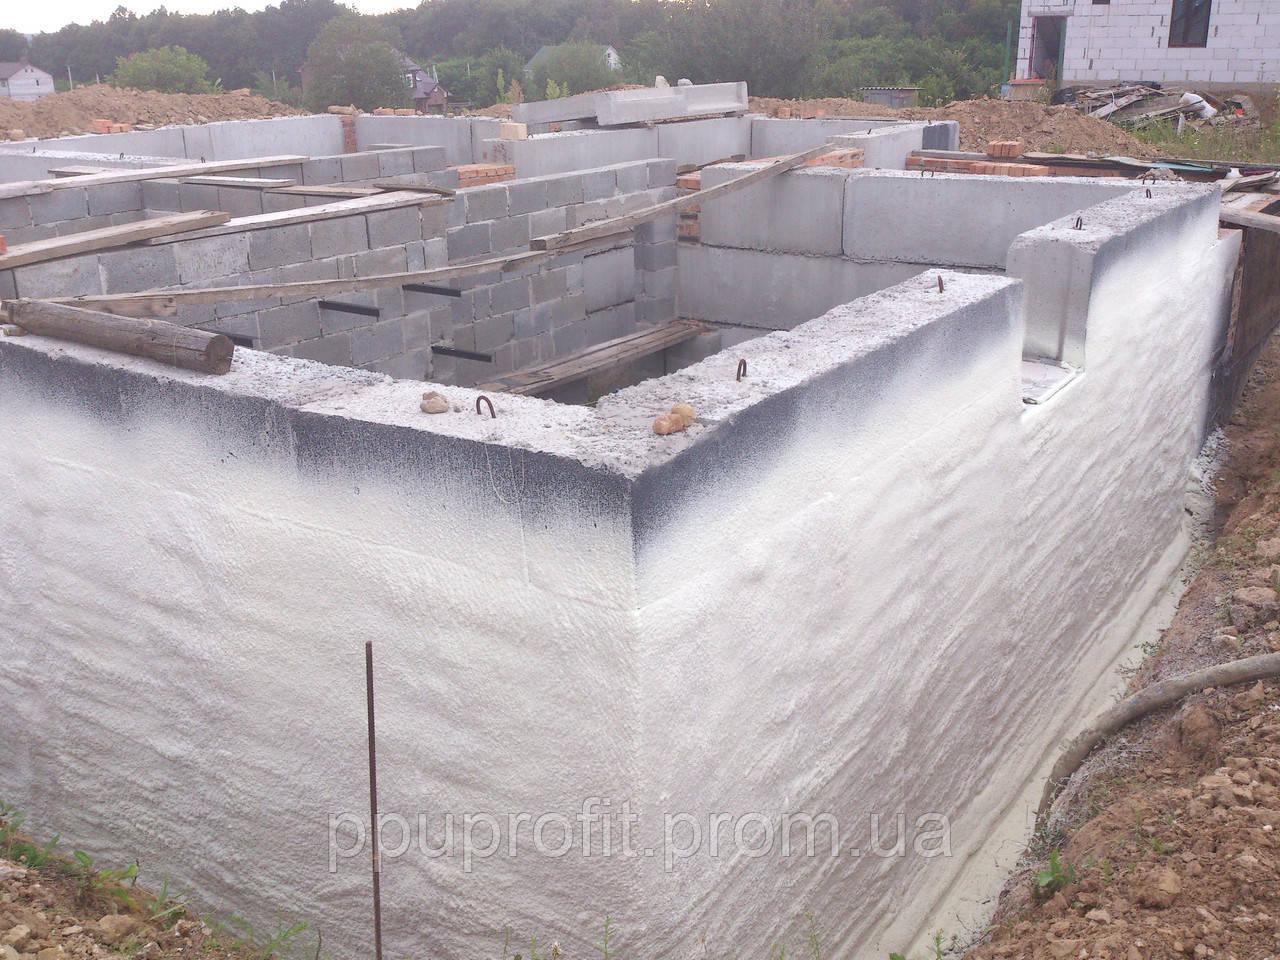 Пенополиуретановый бетон бетон слуцк купить